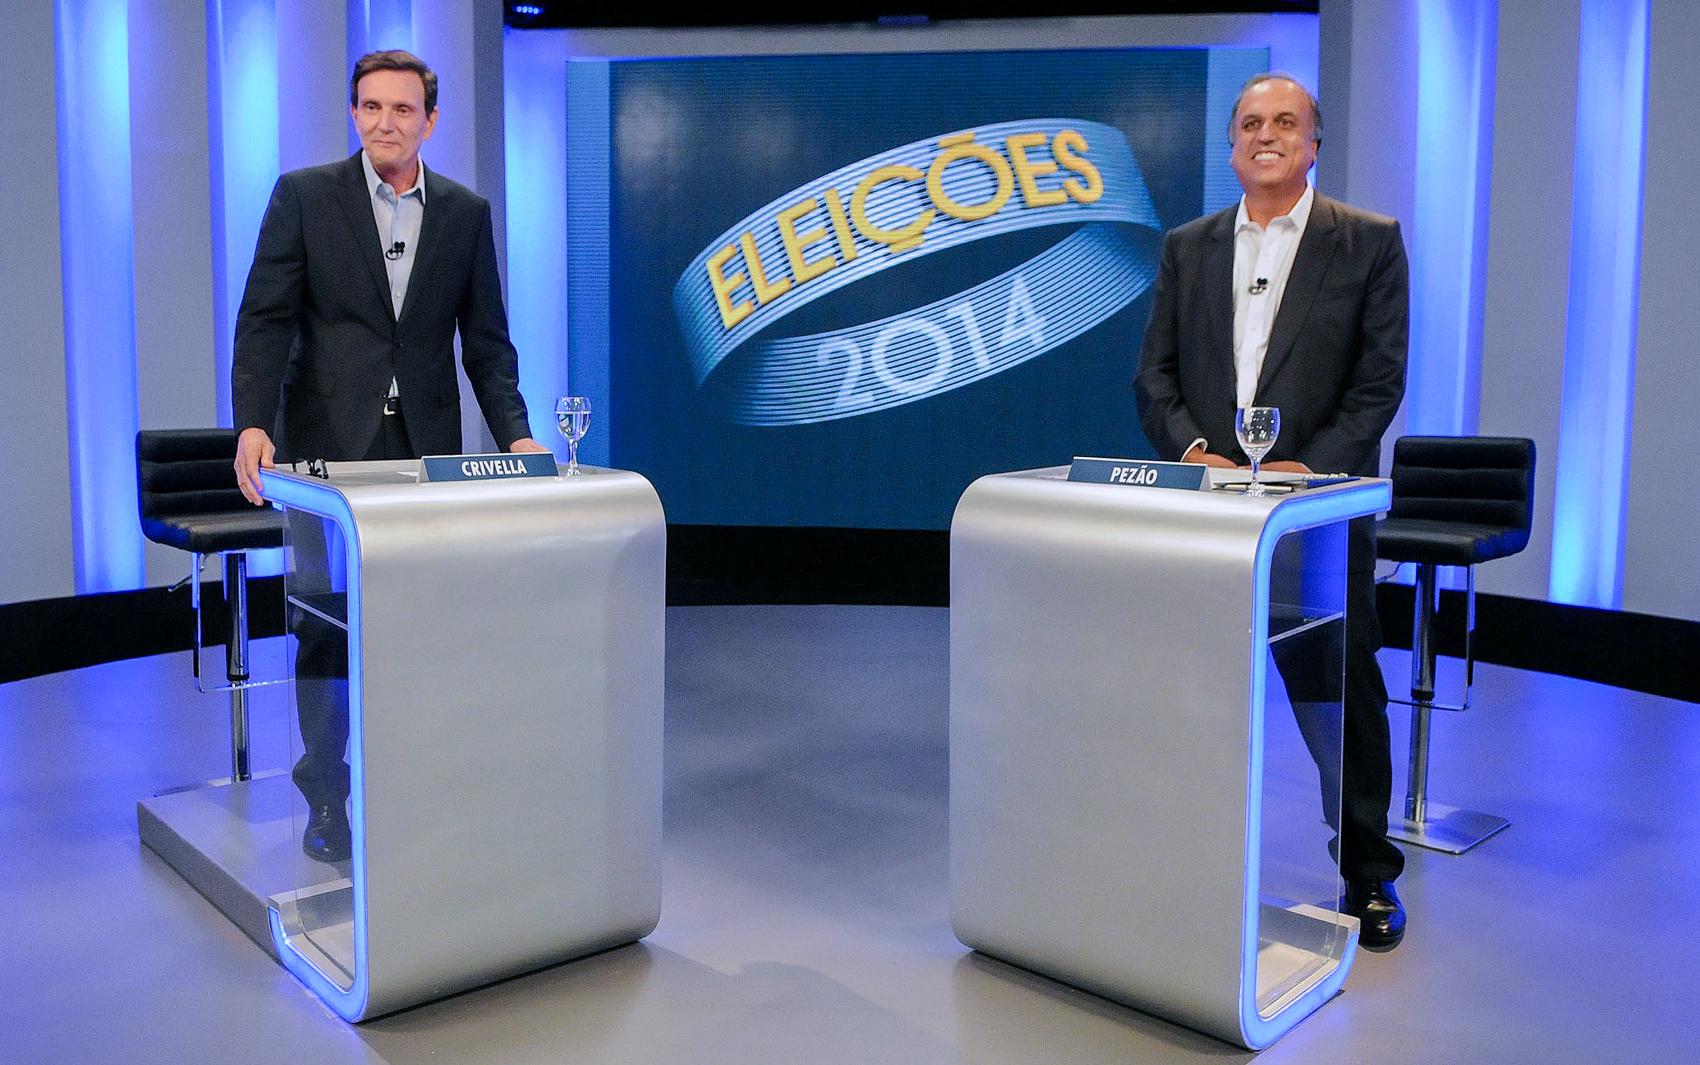 Os candidatos ao governo do Rio de Janeiro Marcelo Crivella (PRB) e Luiz Fernando Pezão (PMDB) durante debate na Central Globo de Produção, no Rio de Janeiro